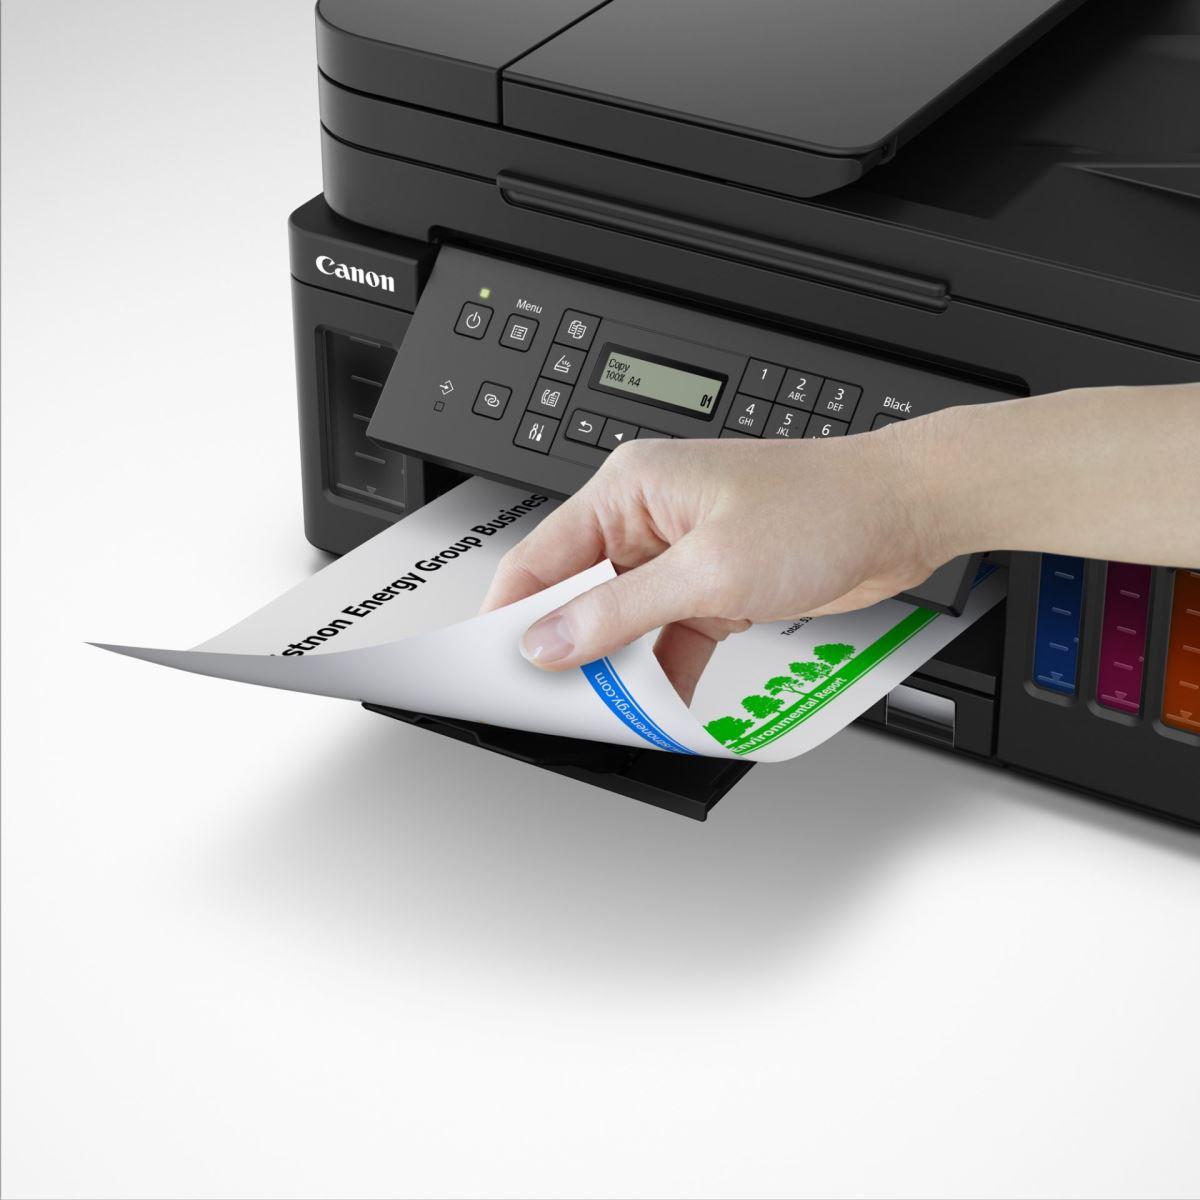 Cả 2 mẫu in máy in mới dòng G Series đều có thiết kế nạp giấy hai chiều